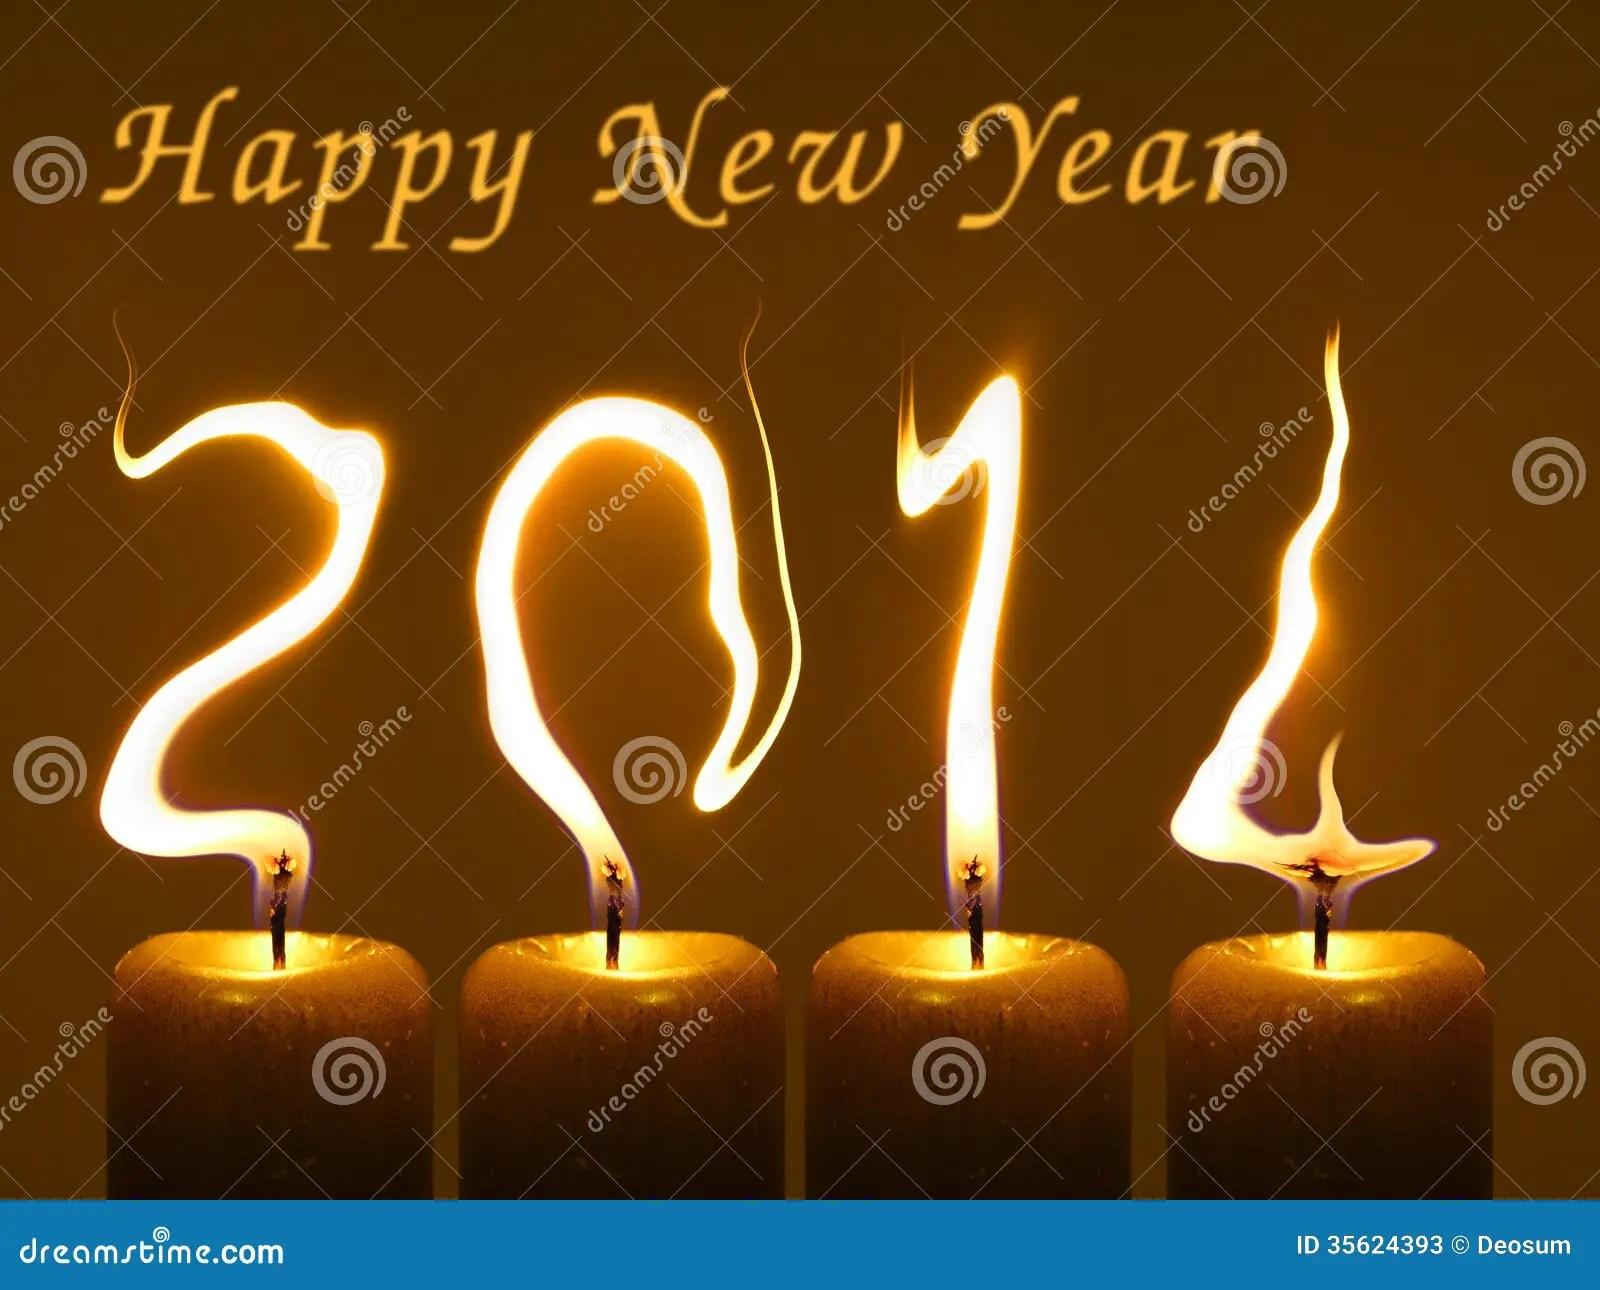 Happy New Year Pf Stock Photos